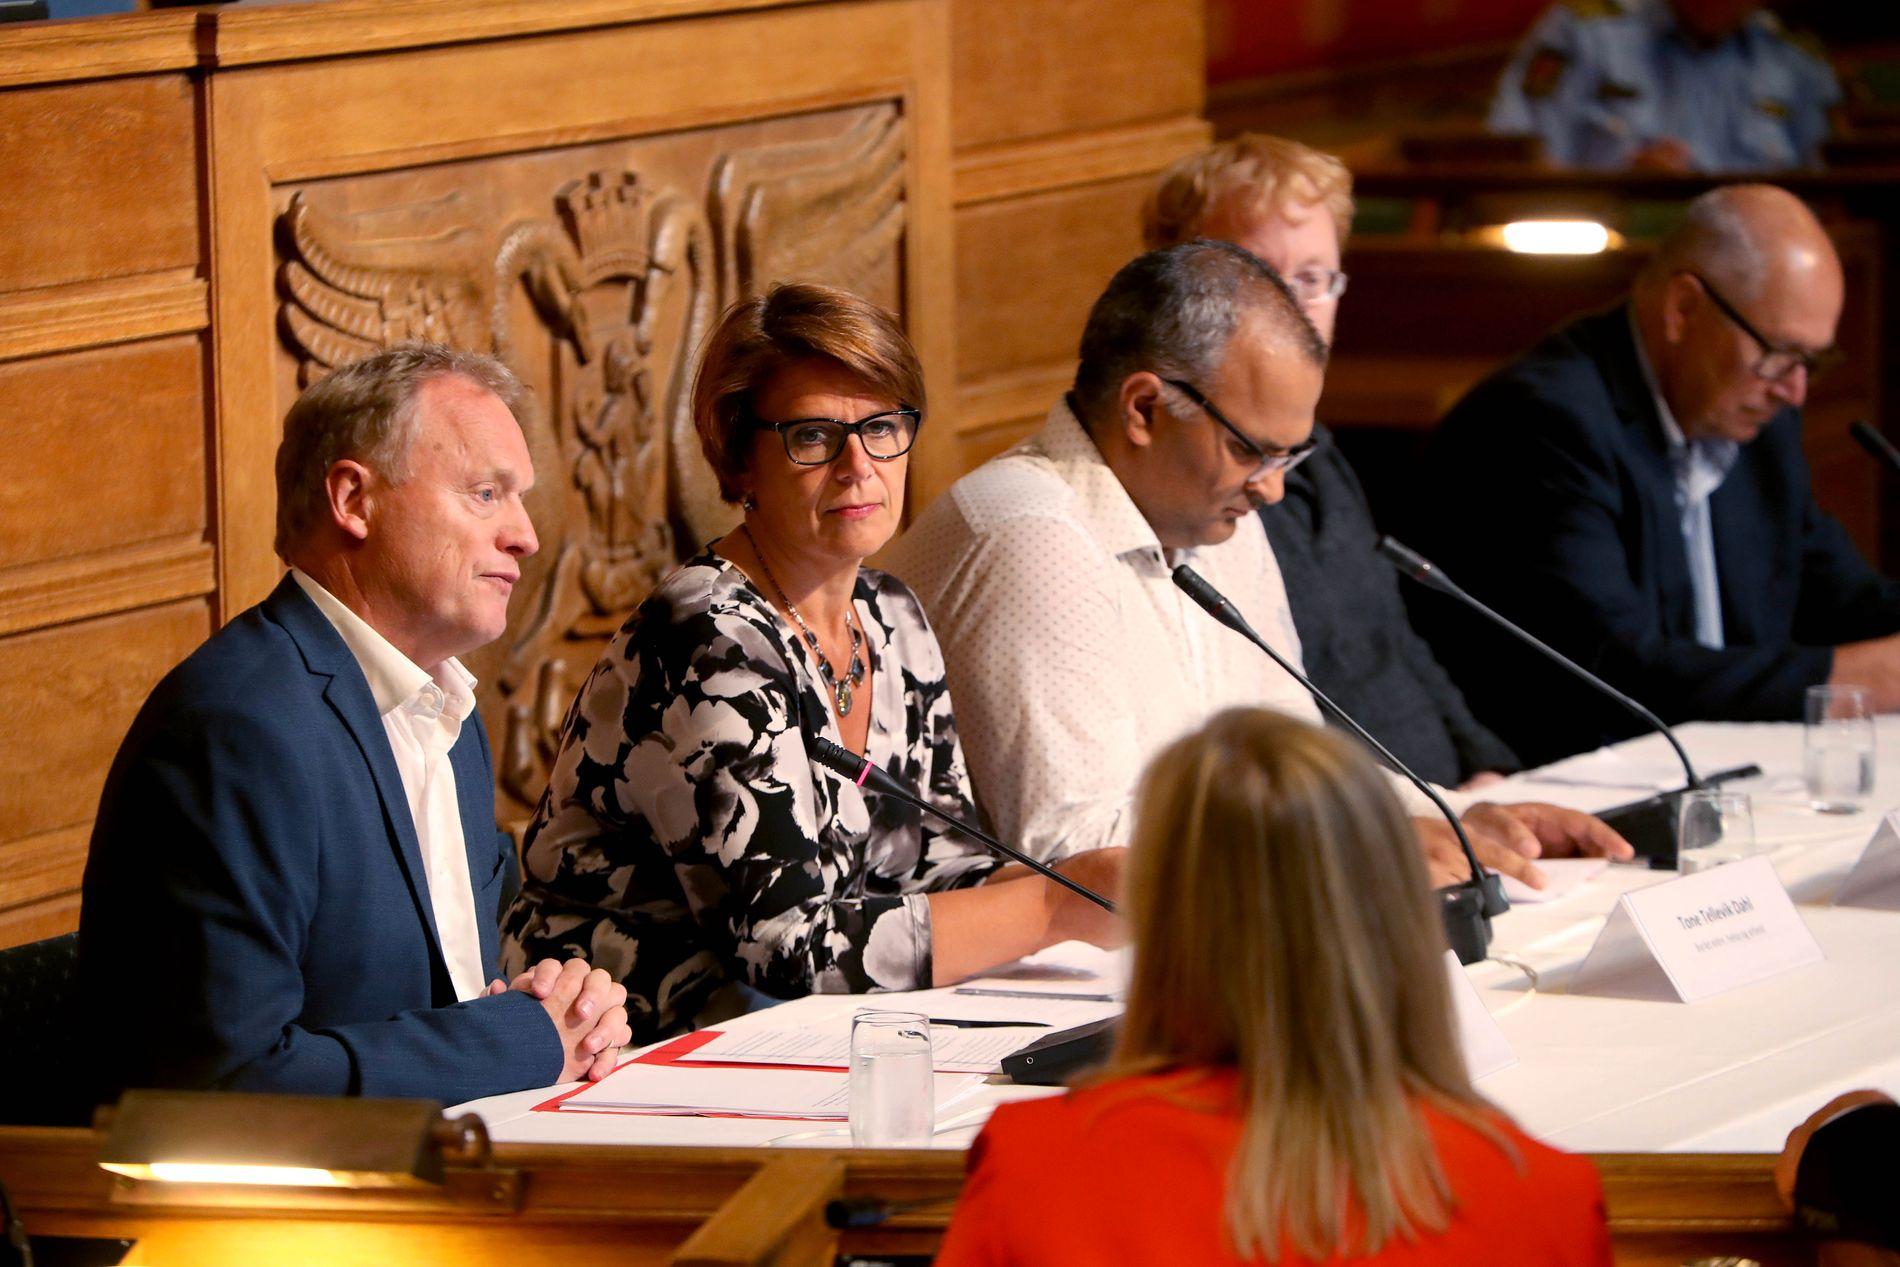 ÅPEN HØRING: Hele mandag var det en høring om ungdomskriminalitet, utenforskap og utrygghet i Oslo rådhus. Her er byrådsleder Raymond Johansen (t.v.) og byråd for eldre, helse og arbeid, Tone Tellevik Dahl (Ap).